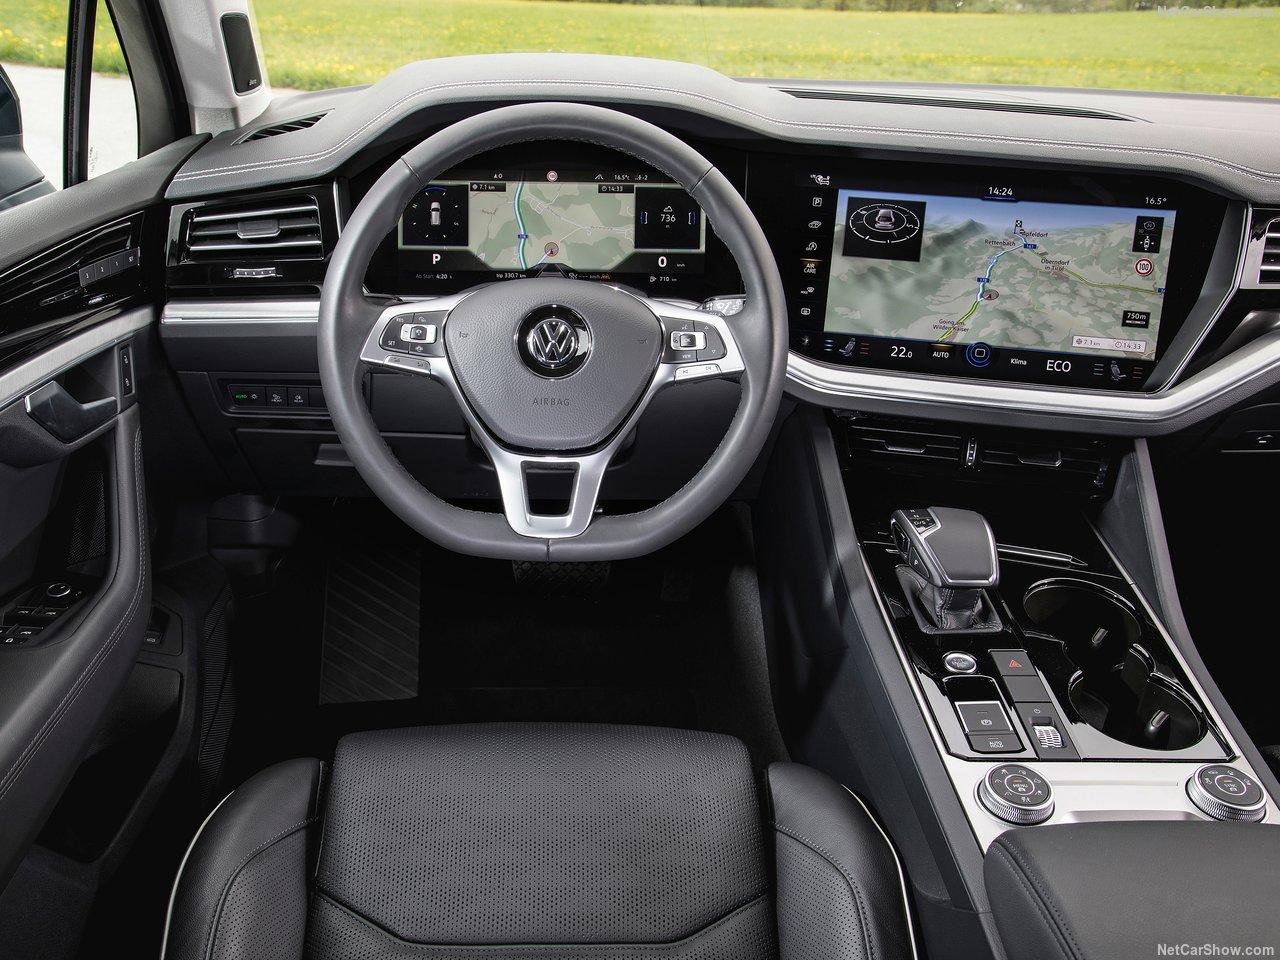 Volkswagen-Touareg-2019-1280-64.jpg